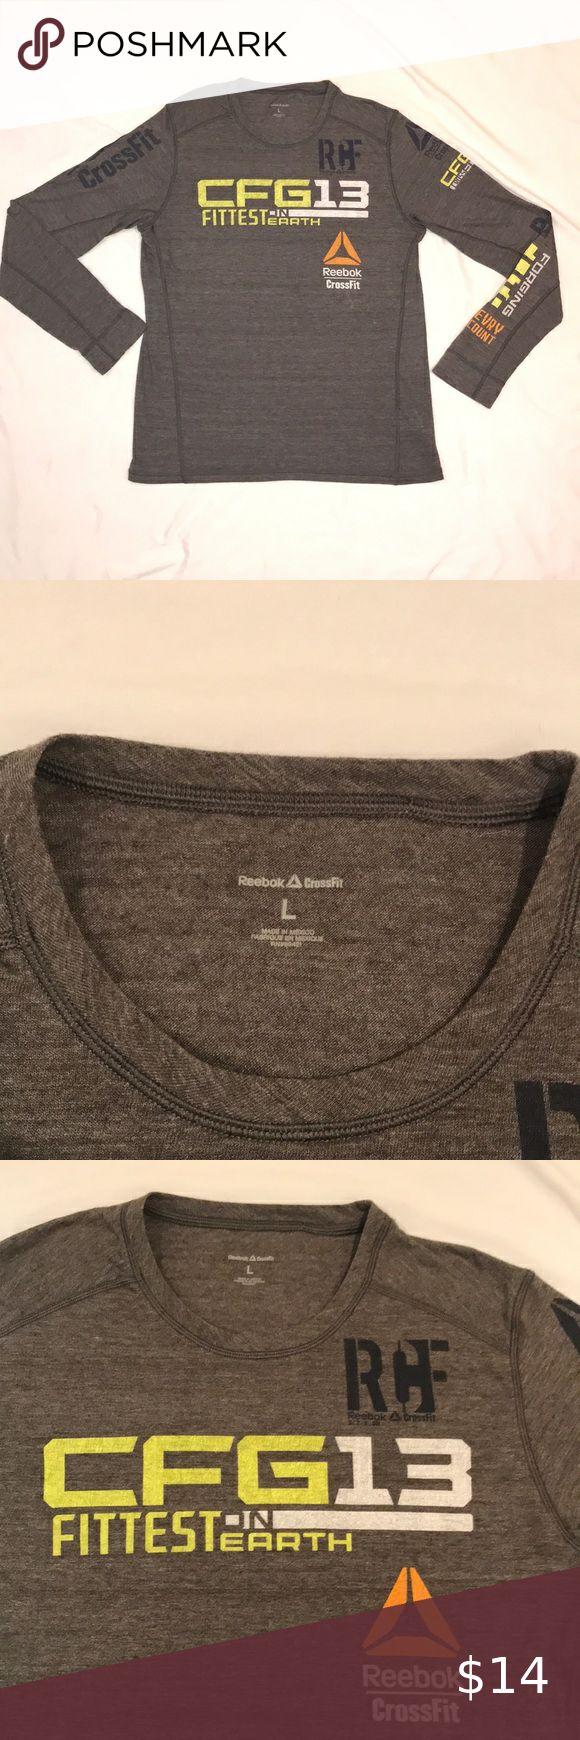 Reebok Crossfit Games Performance Tshirt in 2020 Reebok